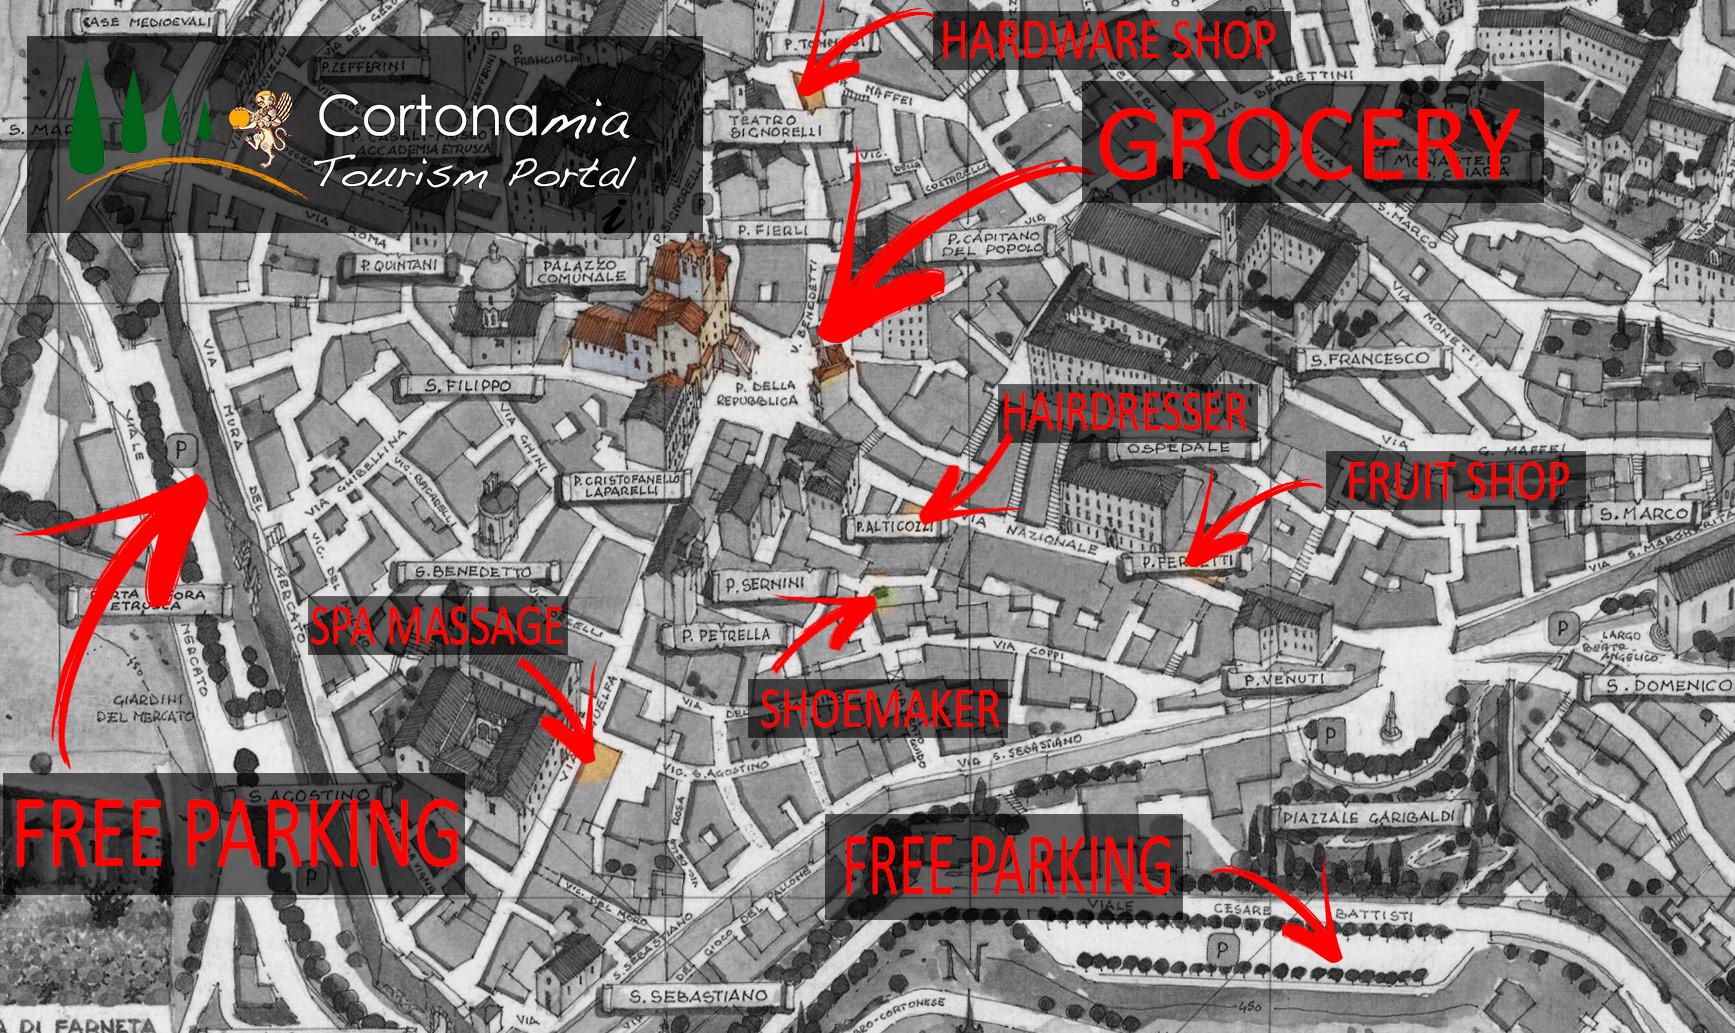 Cortona Map - Cortona Mia